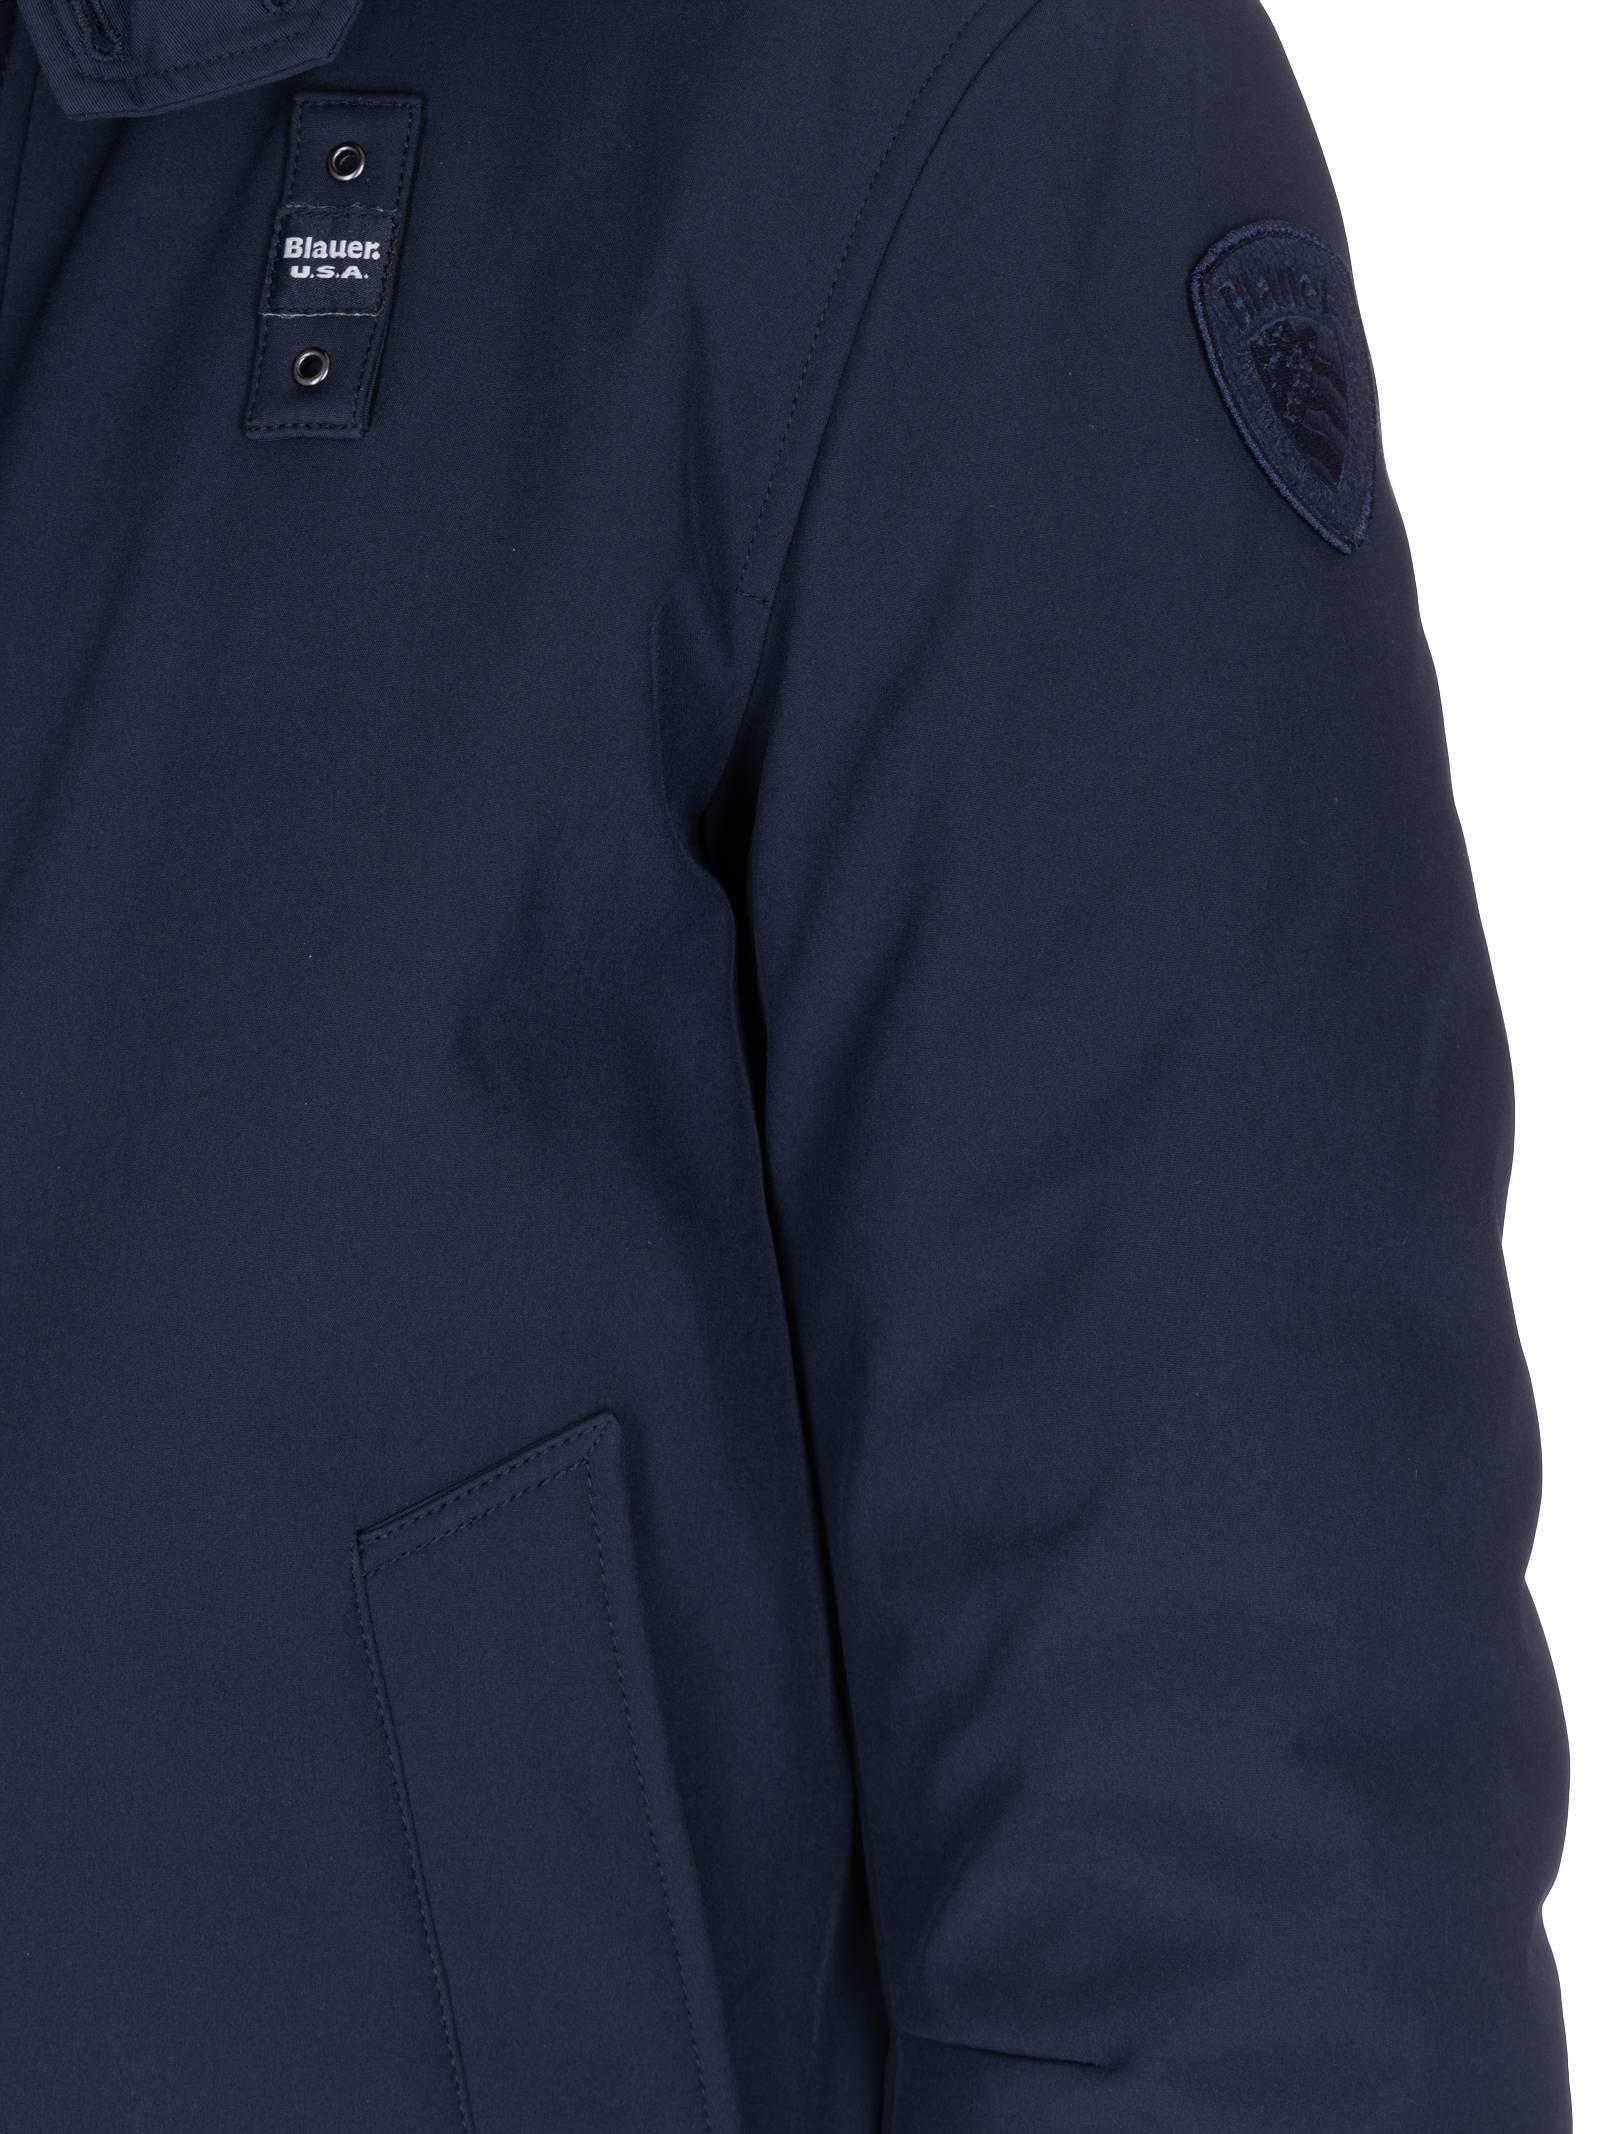 Jacket Blauer BLAUER | -276790253 | WBLUC02363005553888